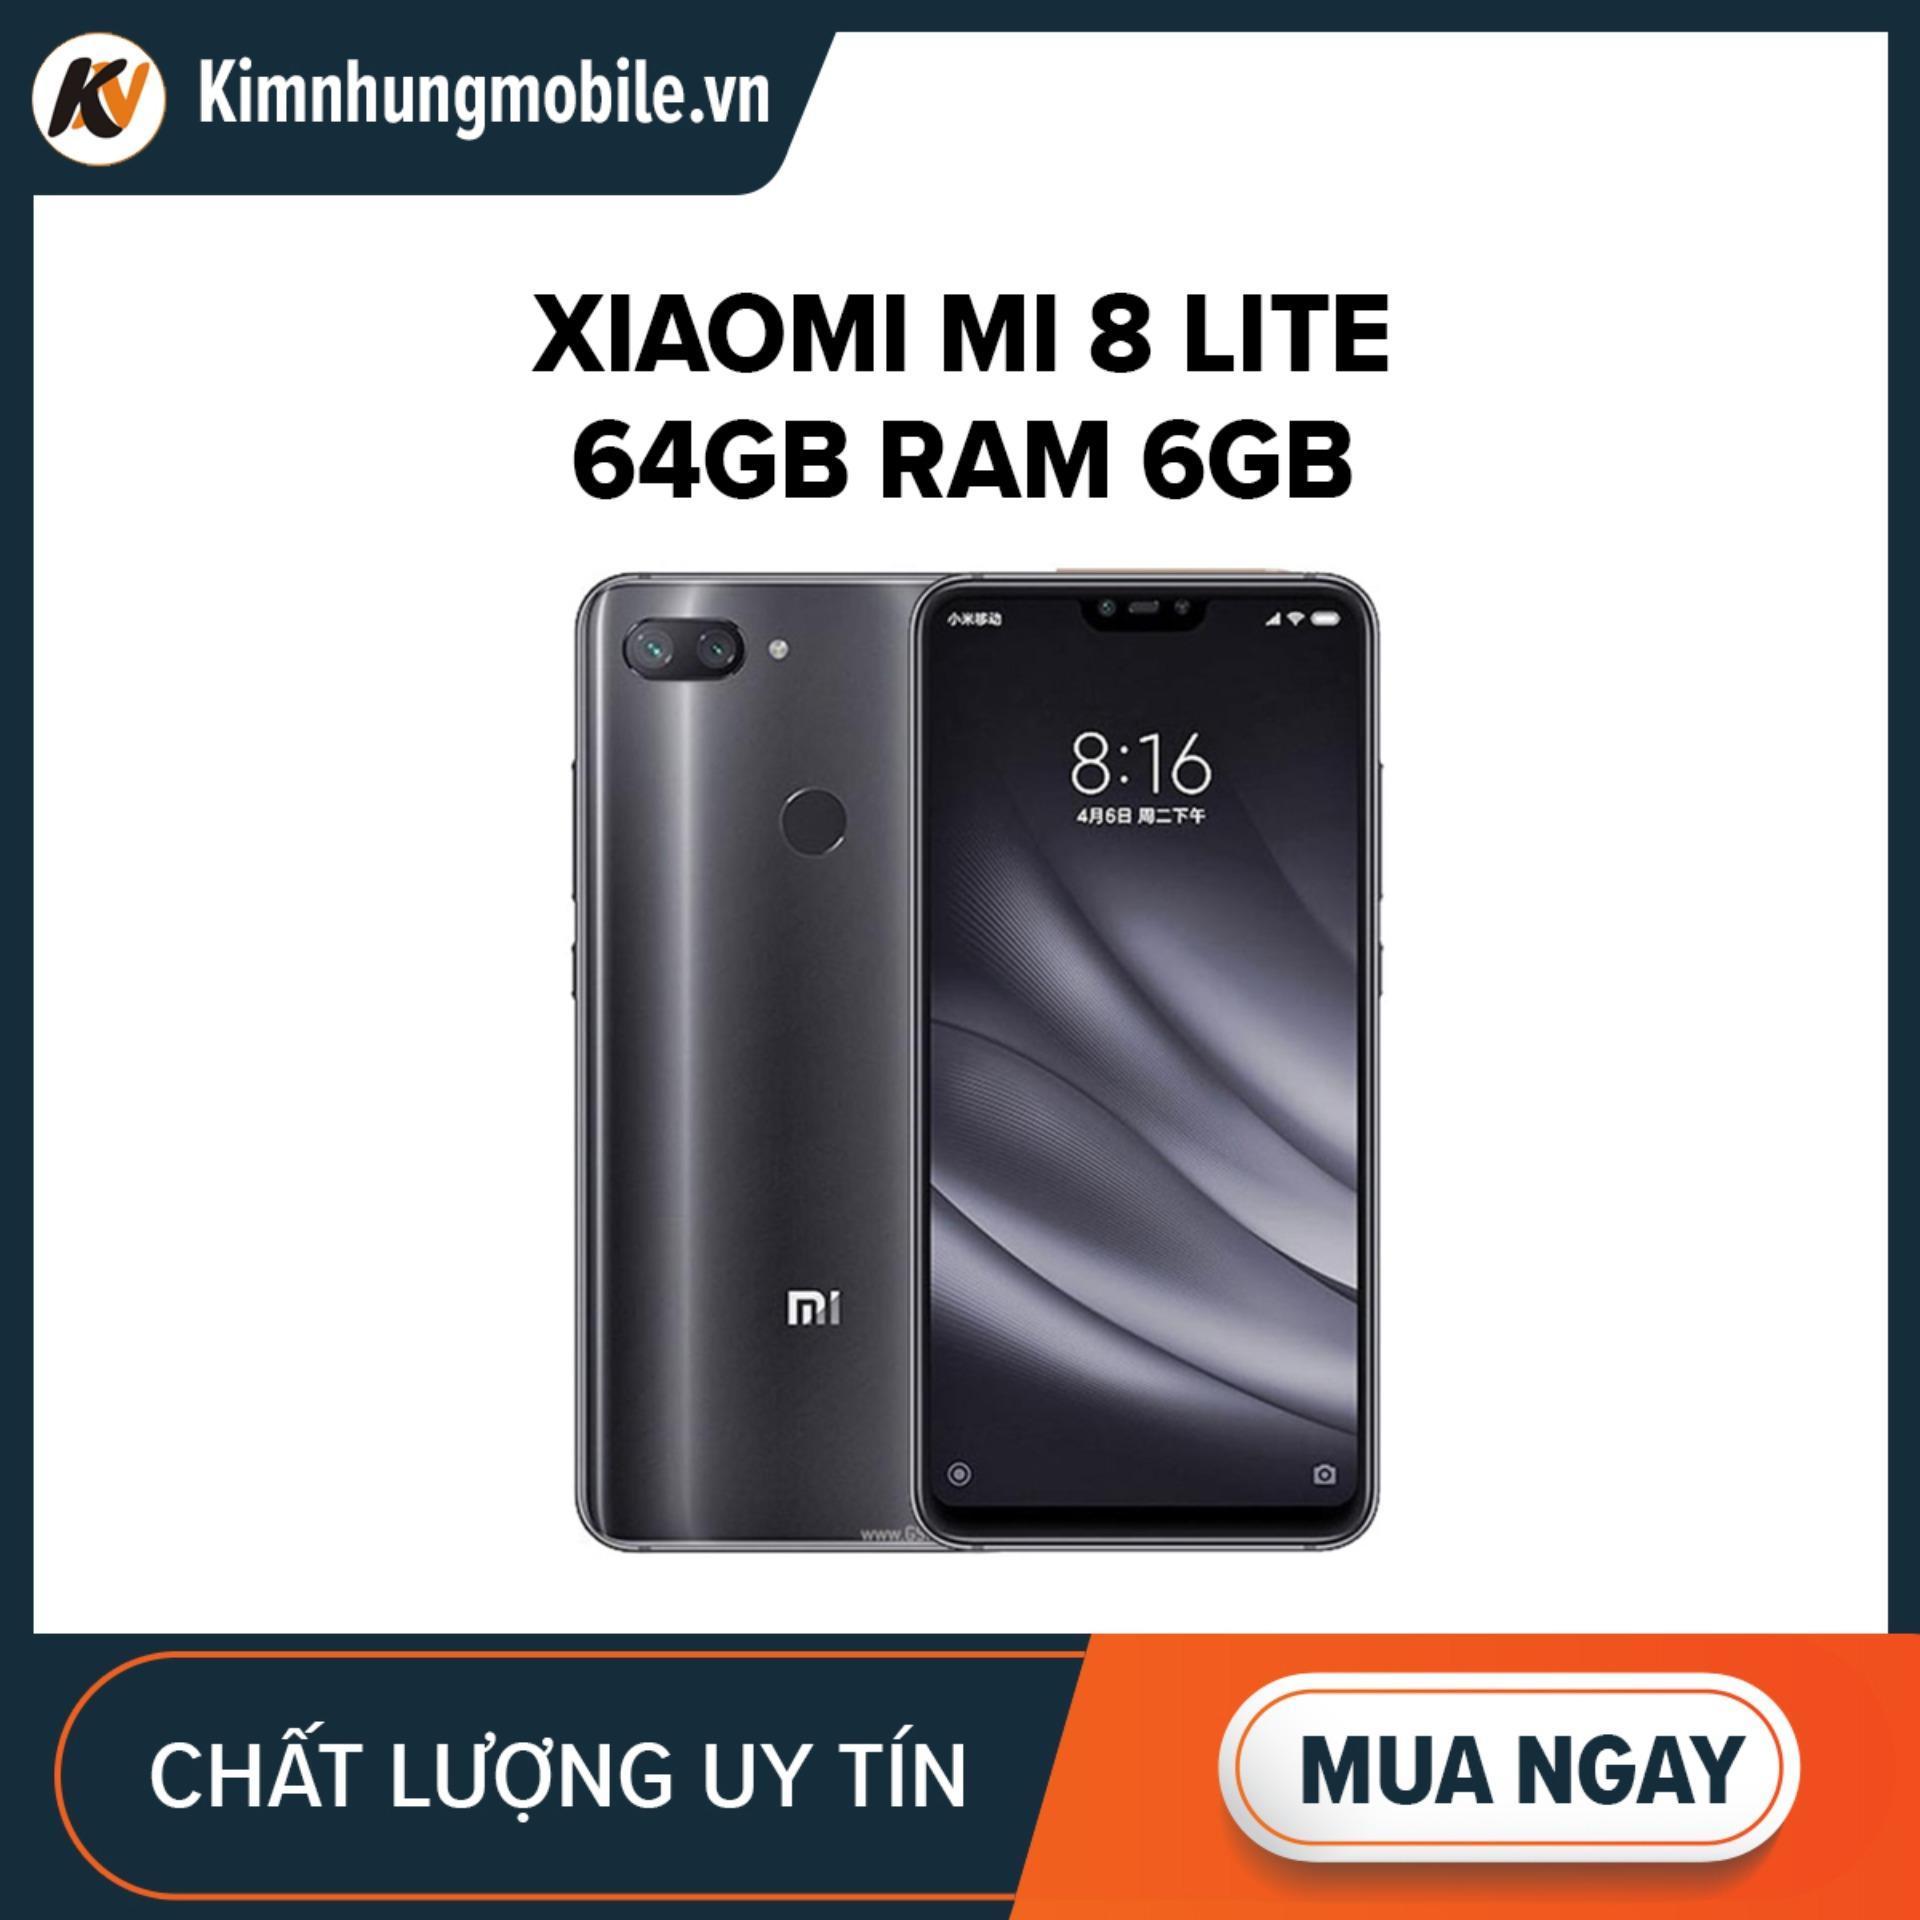 Xiaomi Mi 8 Lite 64GB Ram 6GB Kim Nhung (Đen)